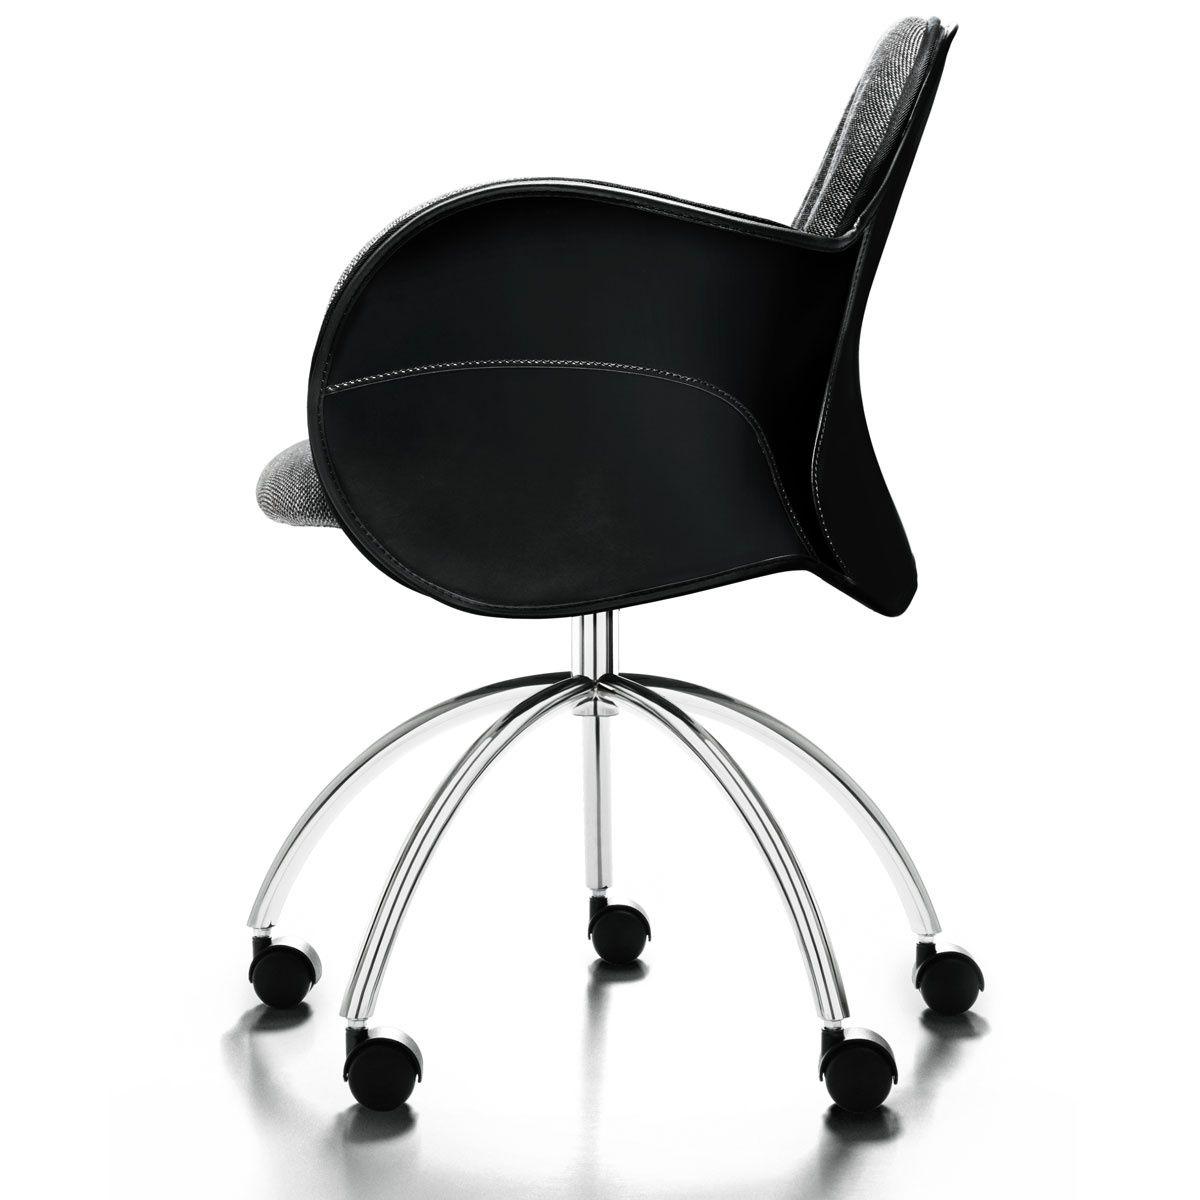 Sedie Da Ufficio Con Rotelle : Sedia da ufficio moderna con rotelle girevole in tessuto